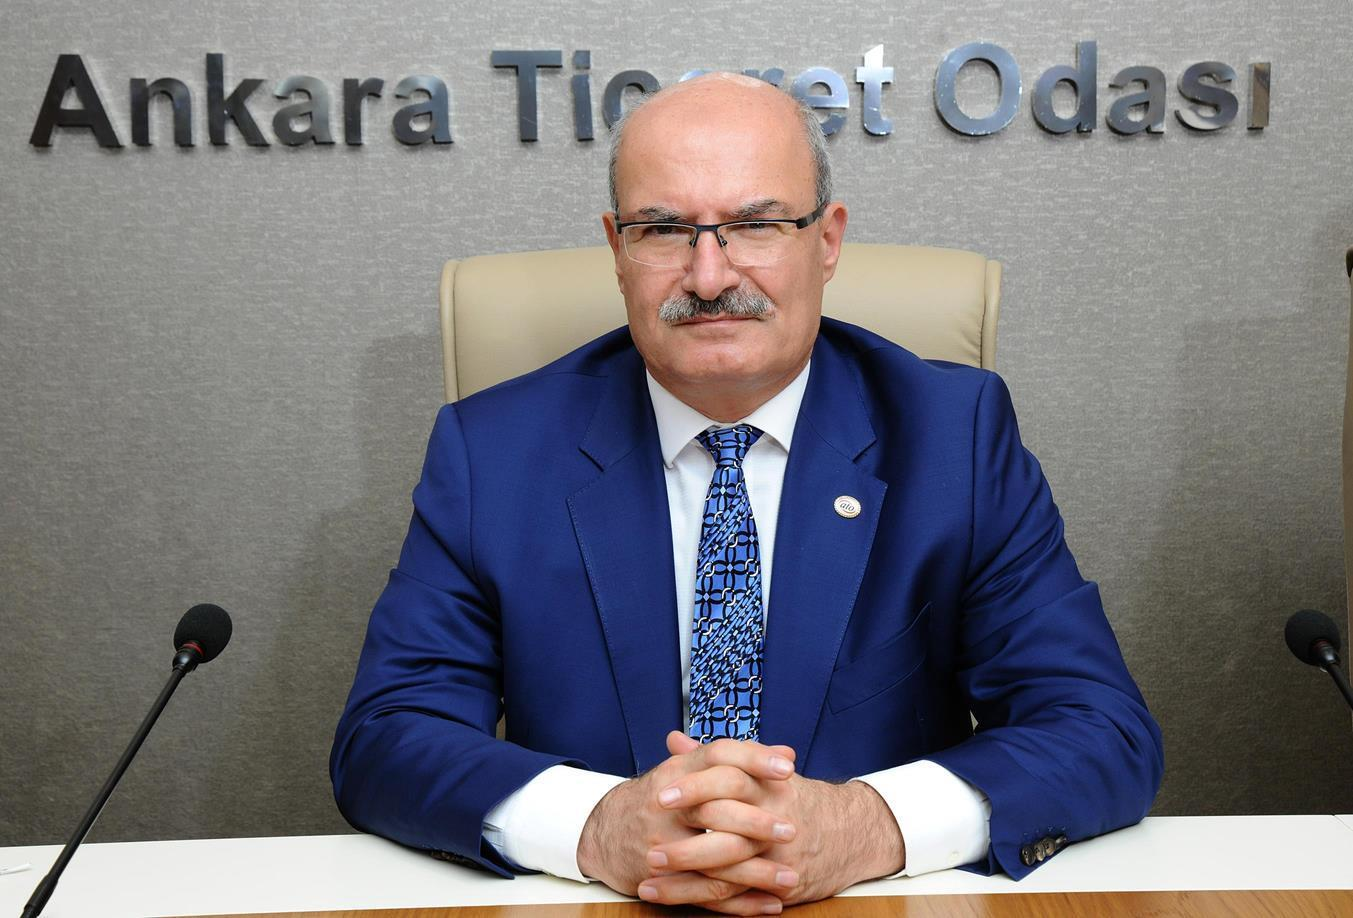 """Baran, """"Türkiye'yi bölgesel güçten küresel güce dönüştürmek için rüzgârı arkamıza"""